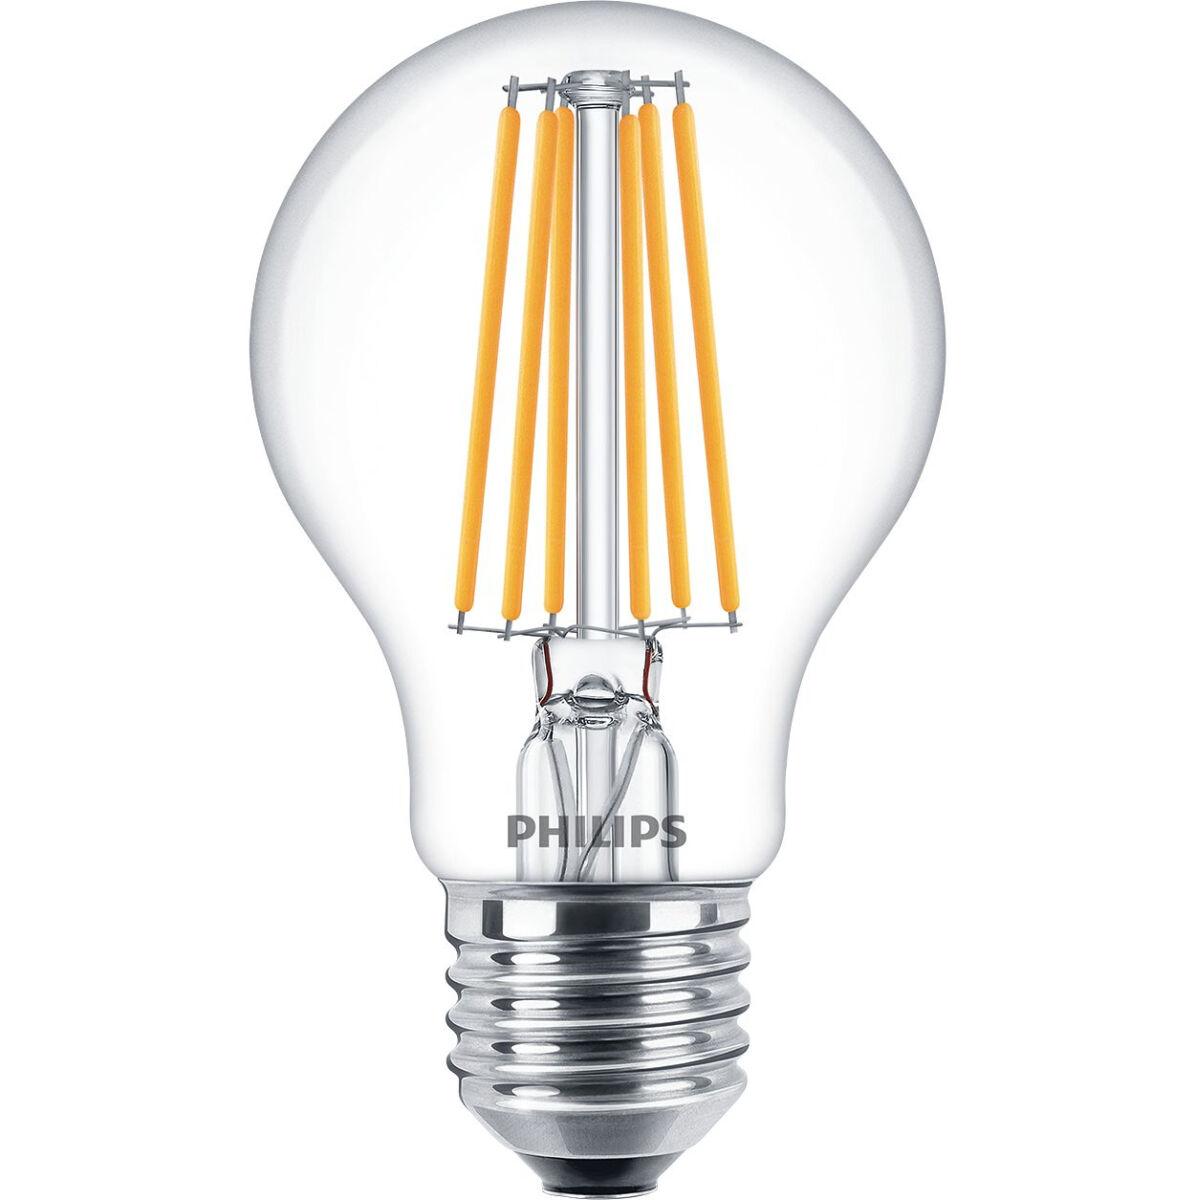 Philips philed75 lampada led goccia trasparente e27 08w for Lampade lunghe a led